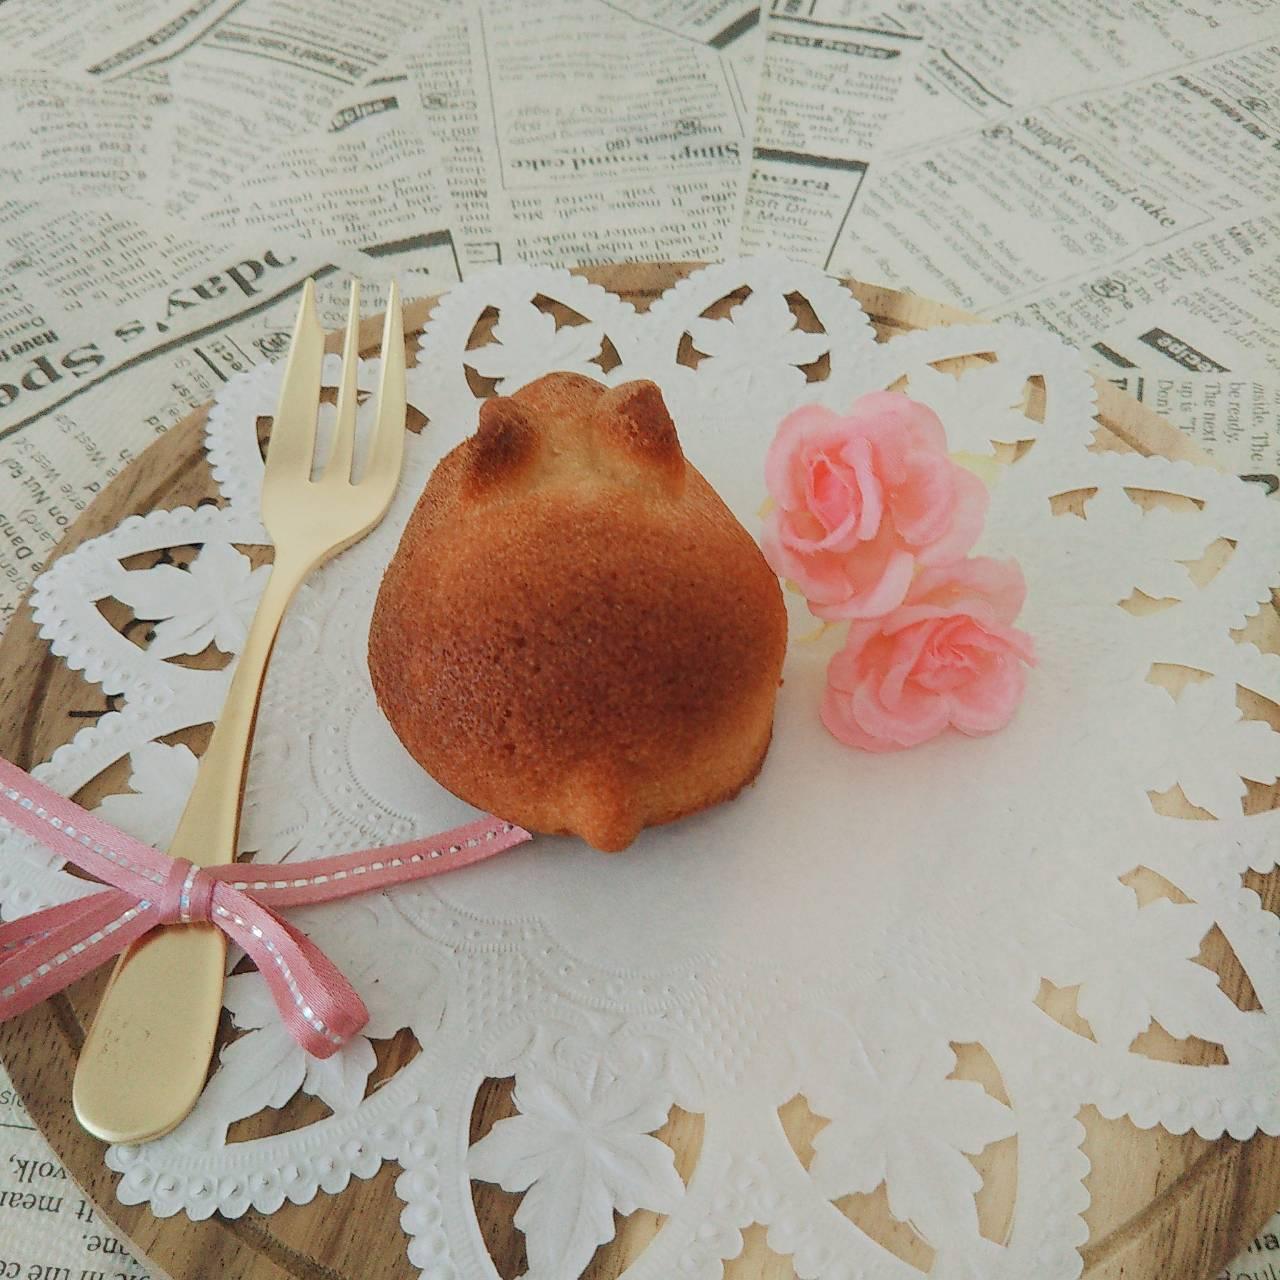 【月~金曜日発送】焼きうさぎ10羽セット(焼き菓子/フィナンシェ/お菓子ギフト)